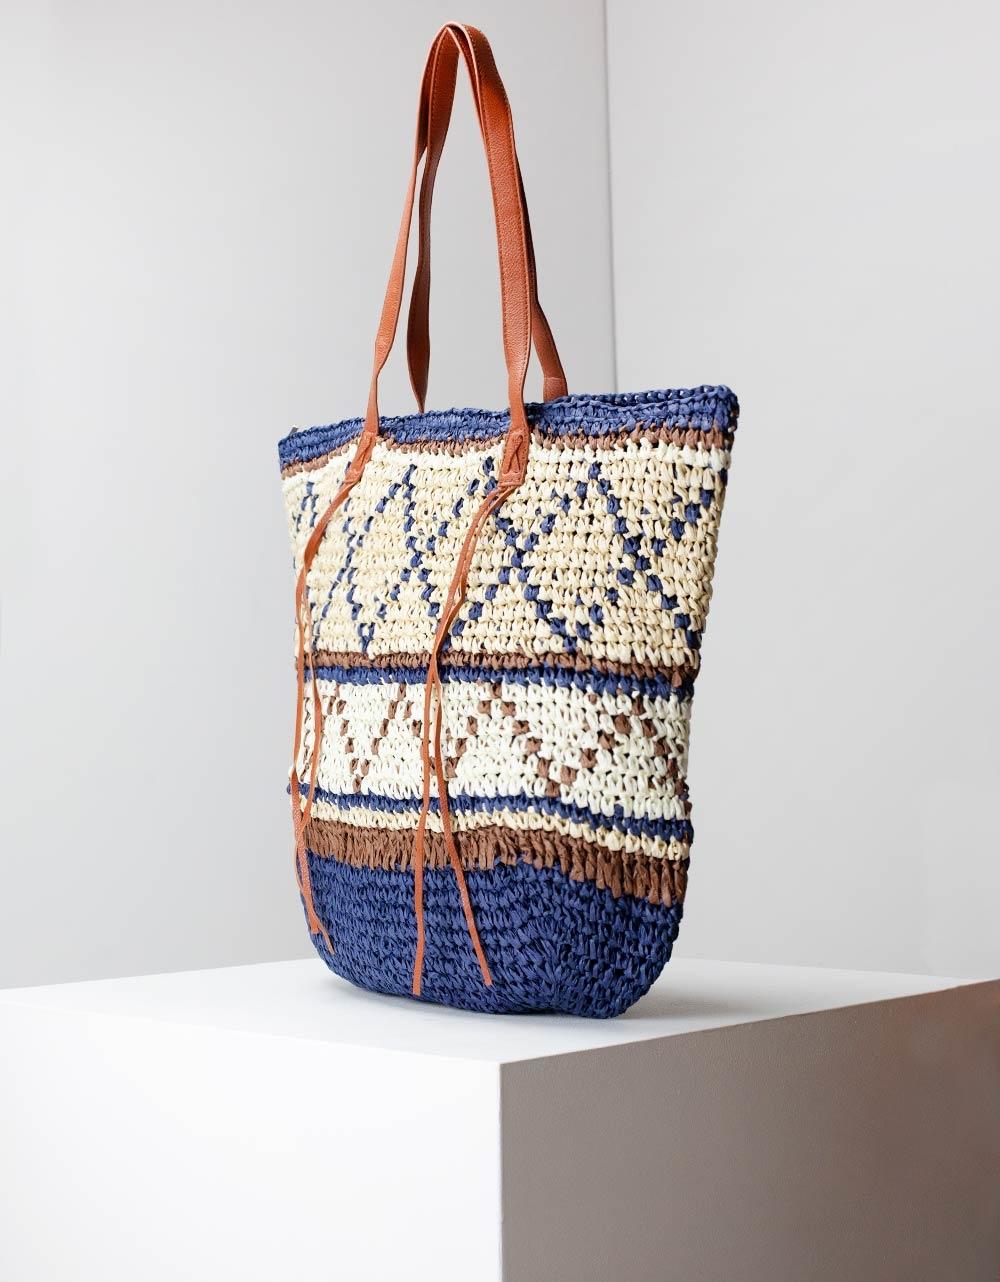 Εικόνα από Γυναικεία τσάντα ώμου με λεπτομέρειες Μπέζ/Μπλέ